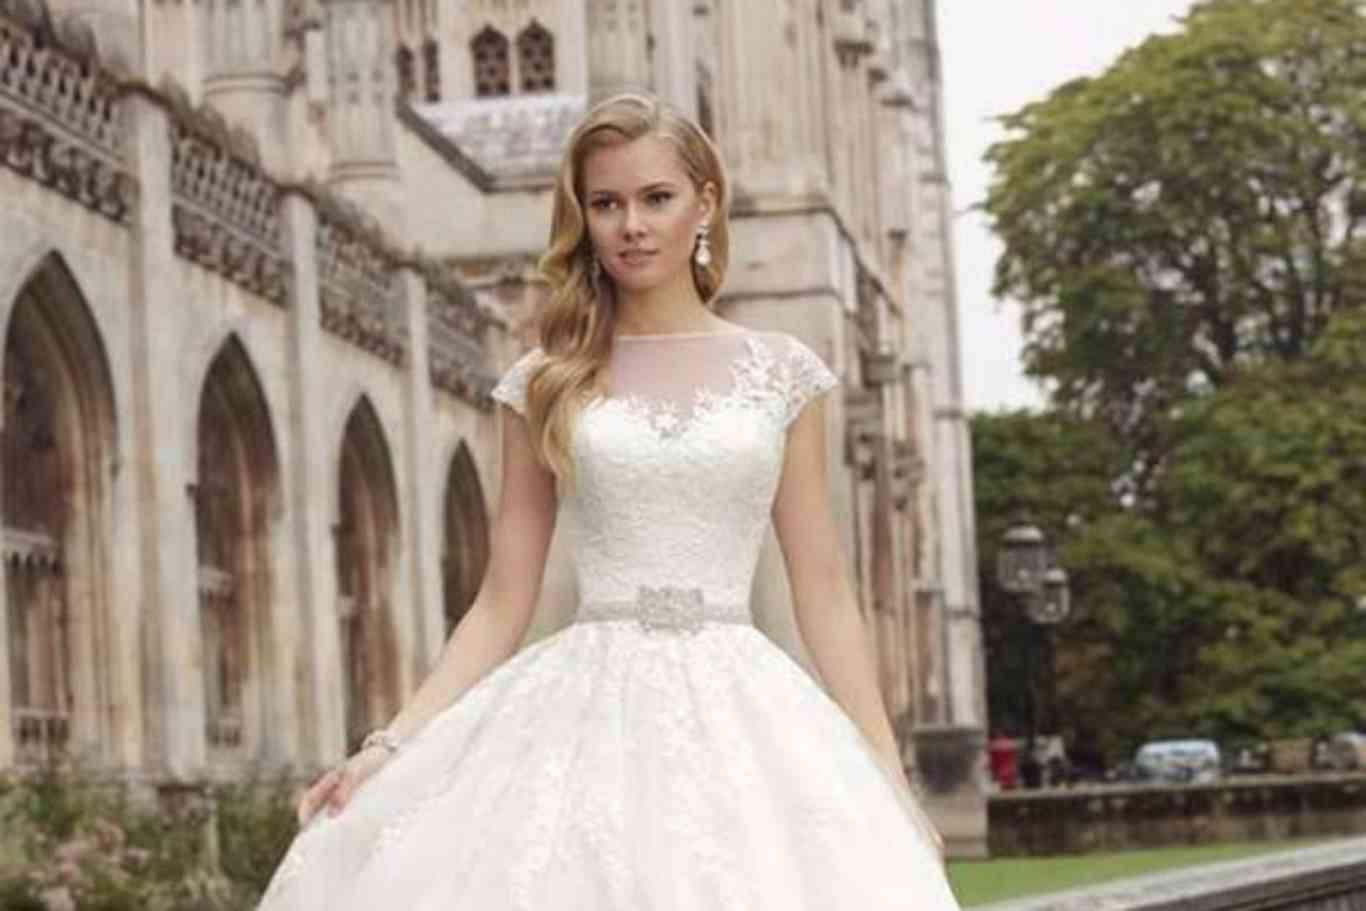 12a7cd4ba1 Tendencia novias 2018  Vuelven las princesas vestidas de blanco ...